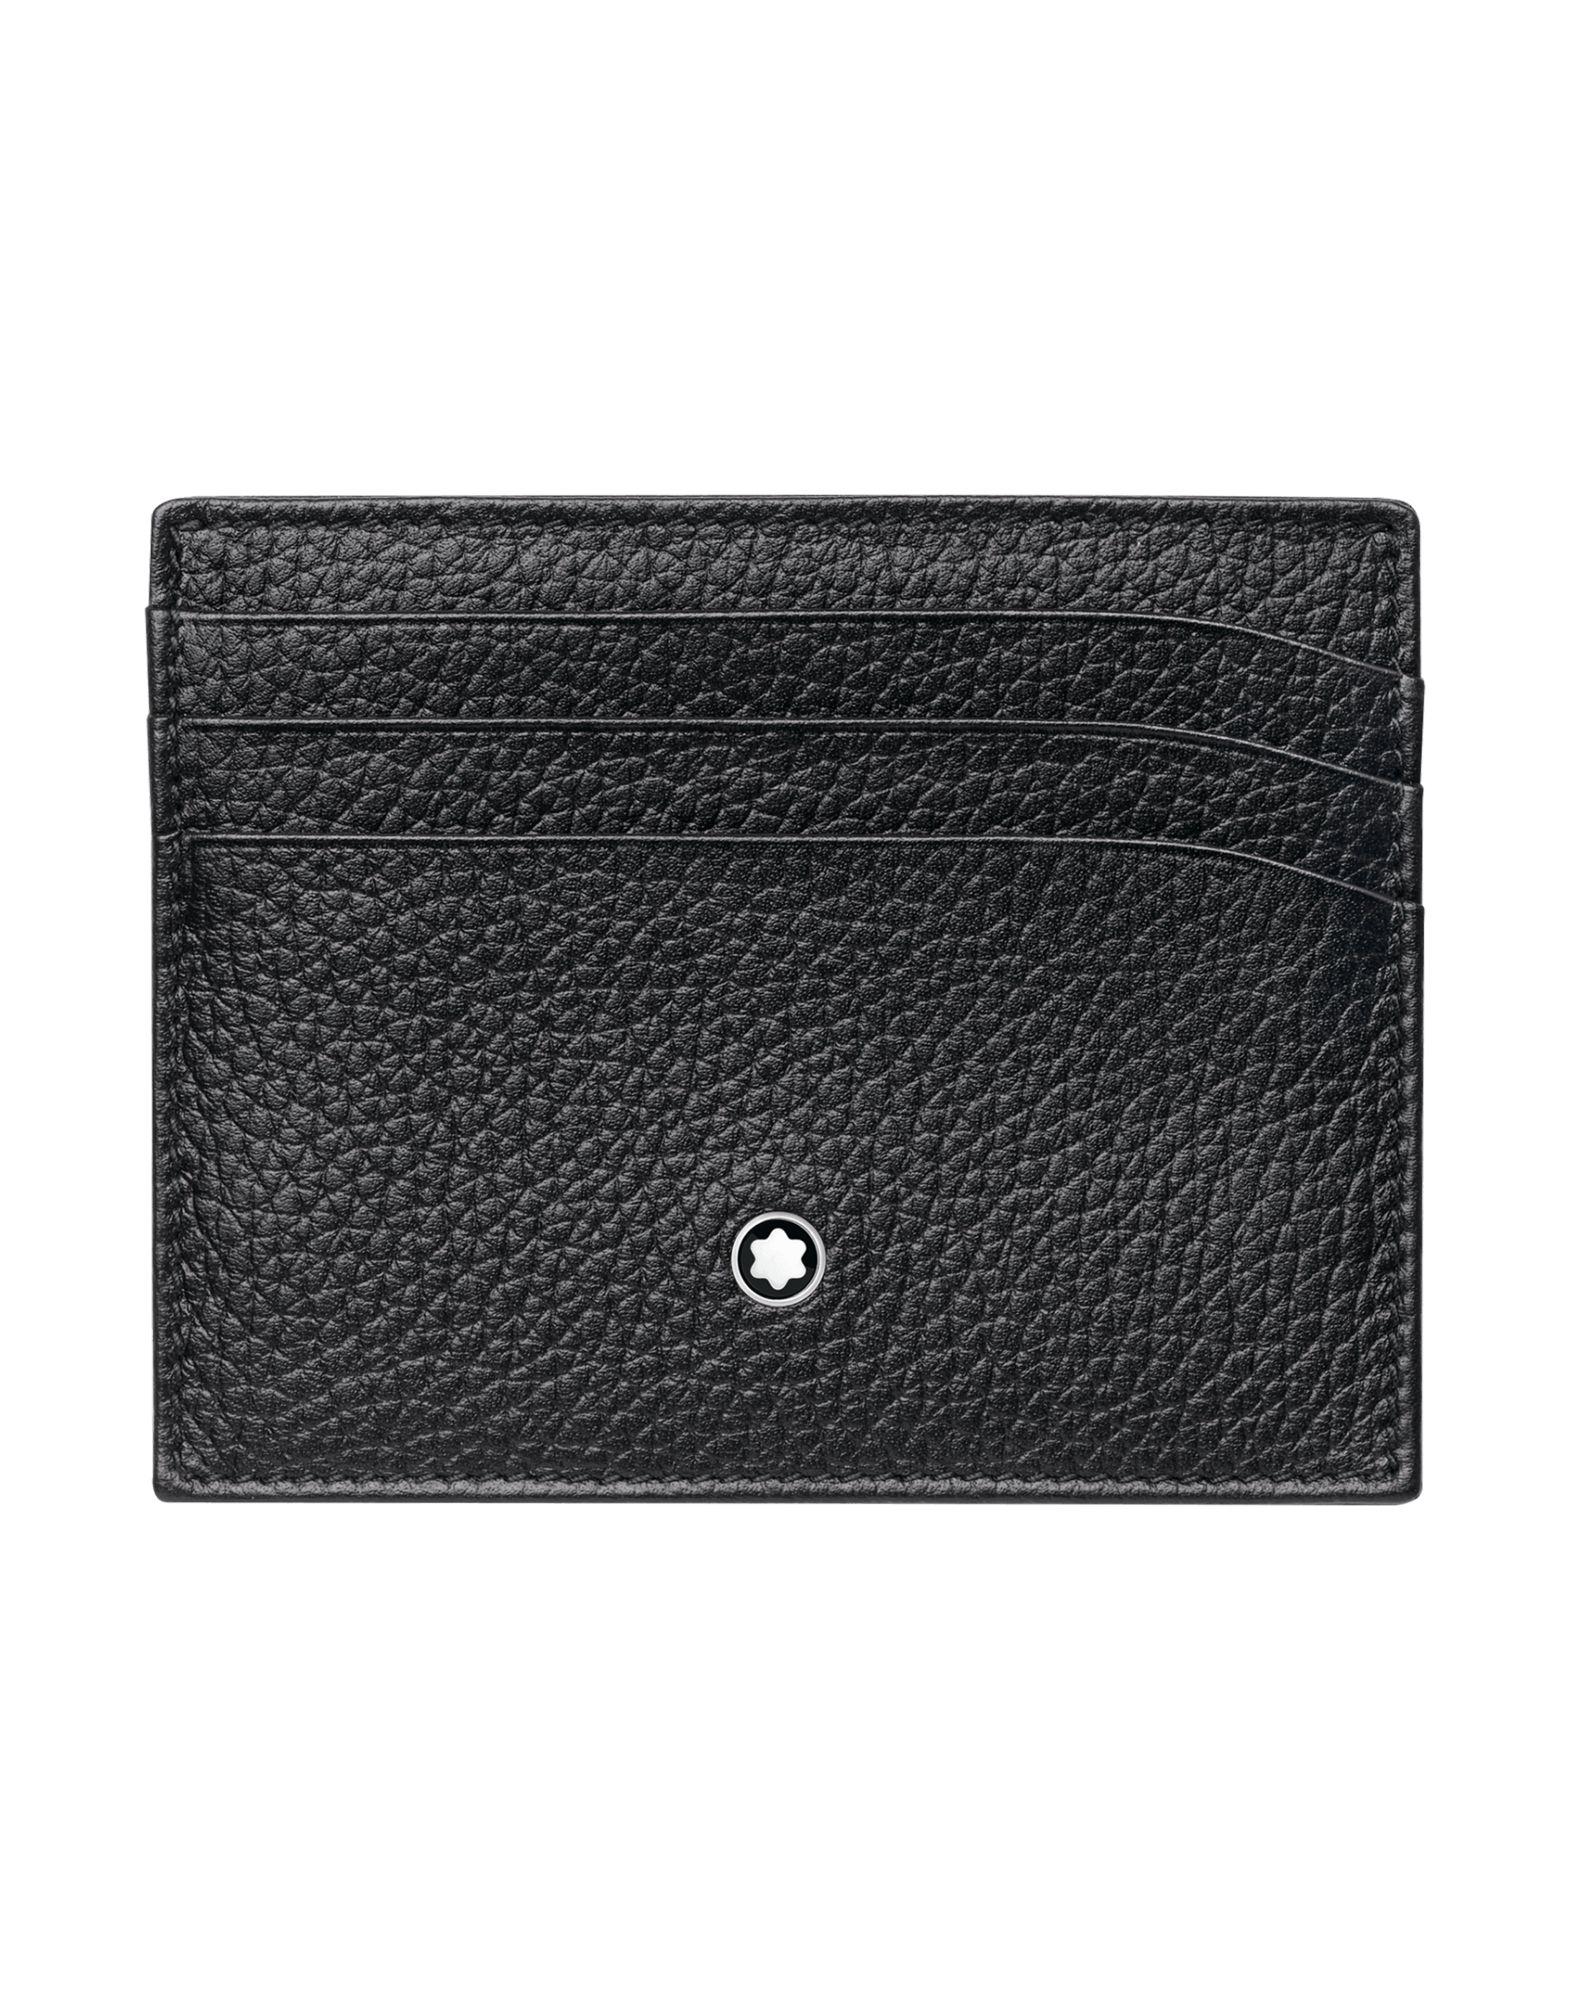 Portafoglio Montblanc Meisterstück Soft Grain Pocket Holder 6Cc Black - Uomo - Acquista online su